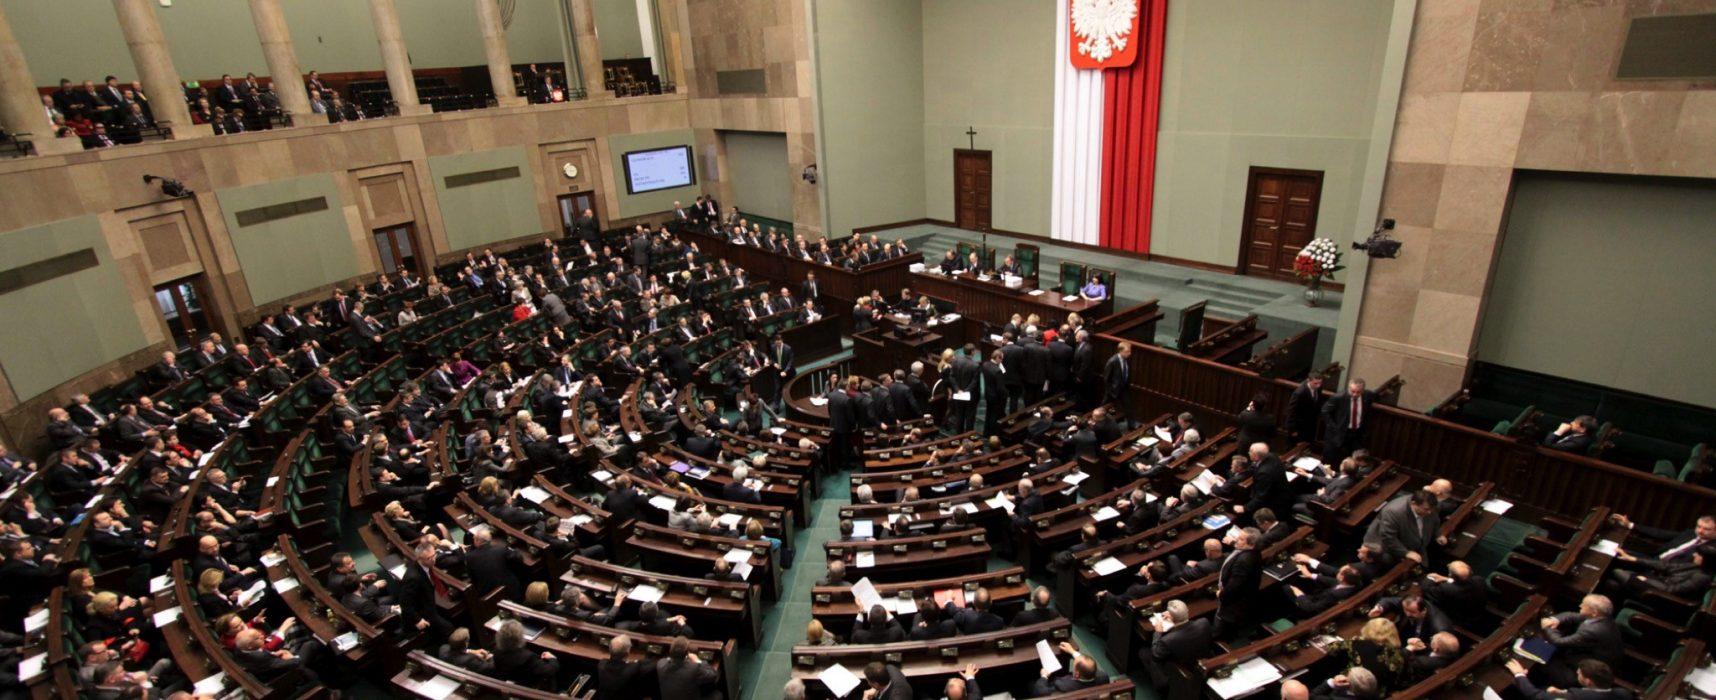 РИА «Новости» рассказало, что в сейме требуют выгнать из Польши посла США, не уточнив, что это были два маргинальных политика